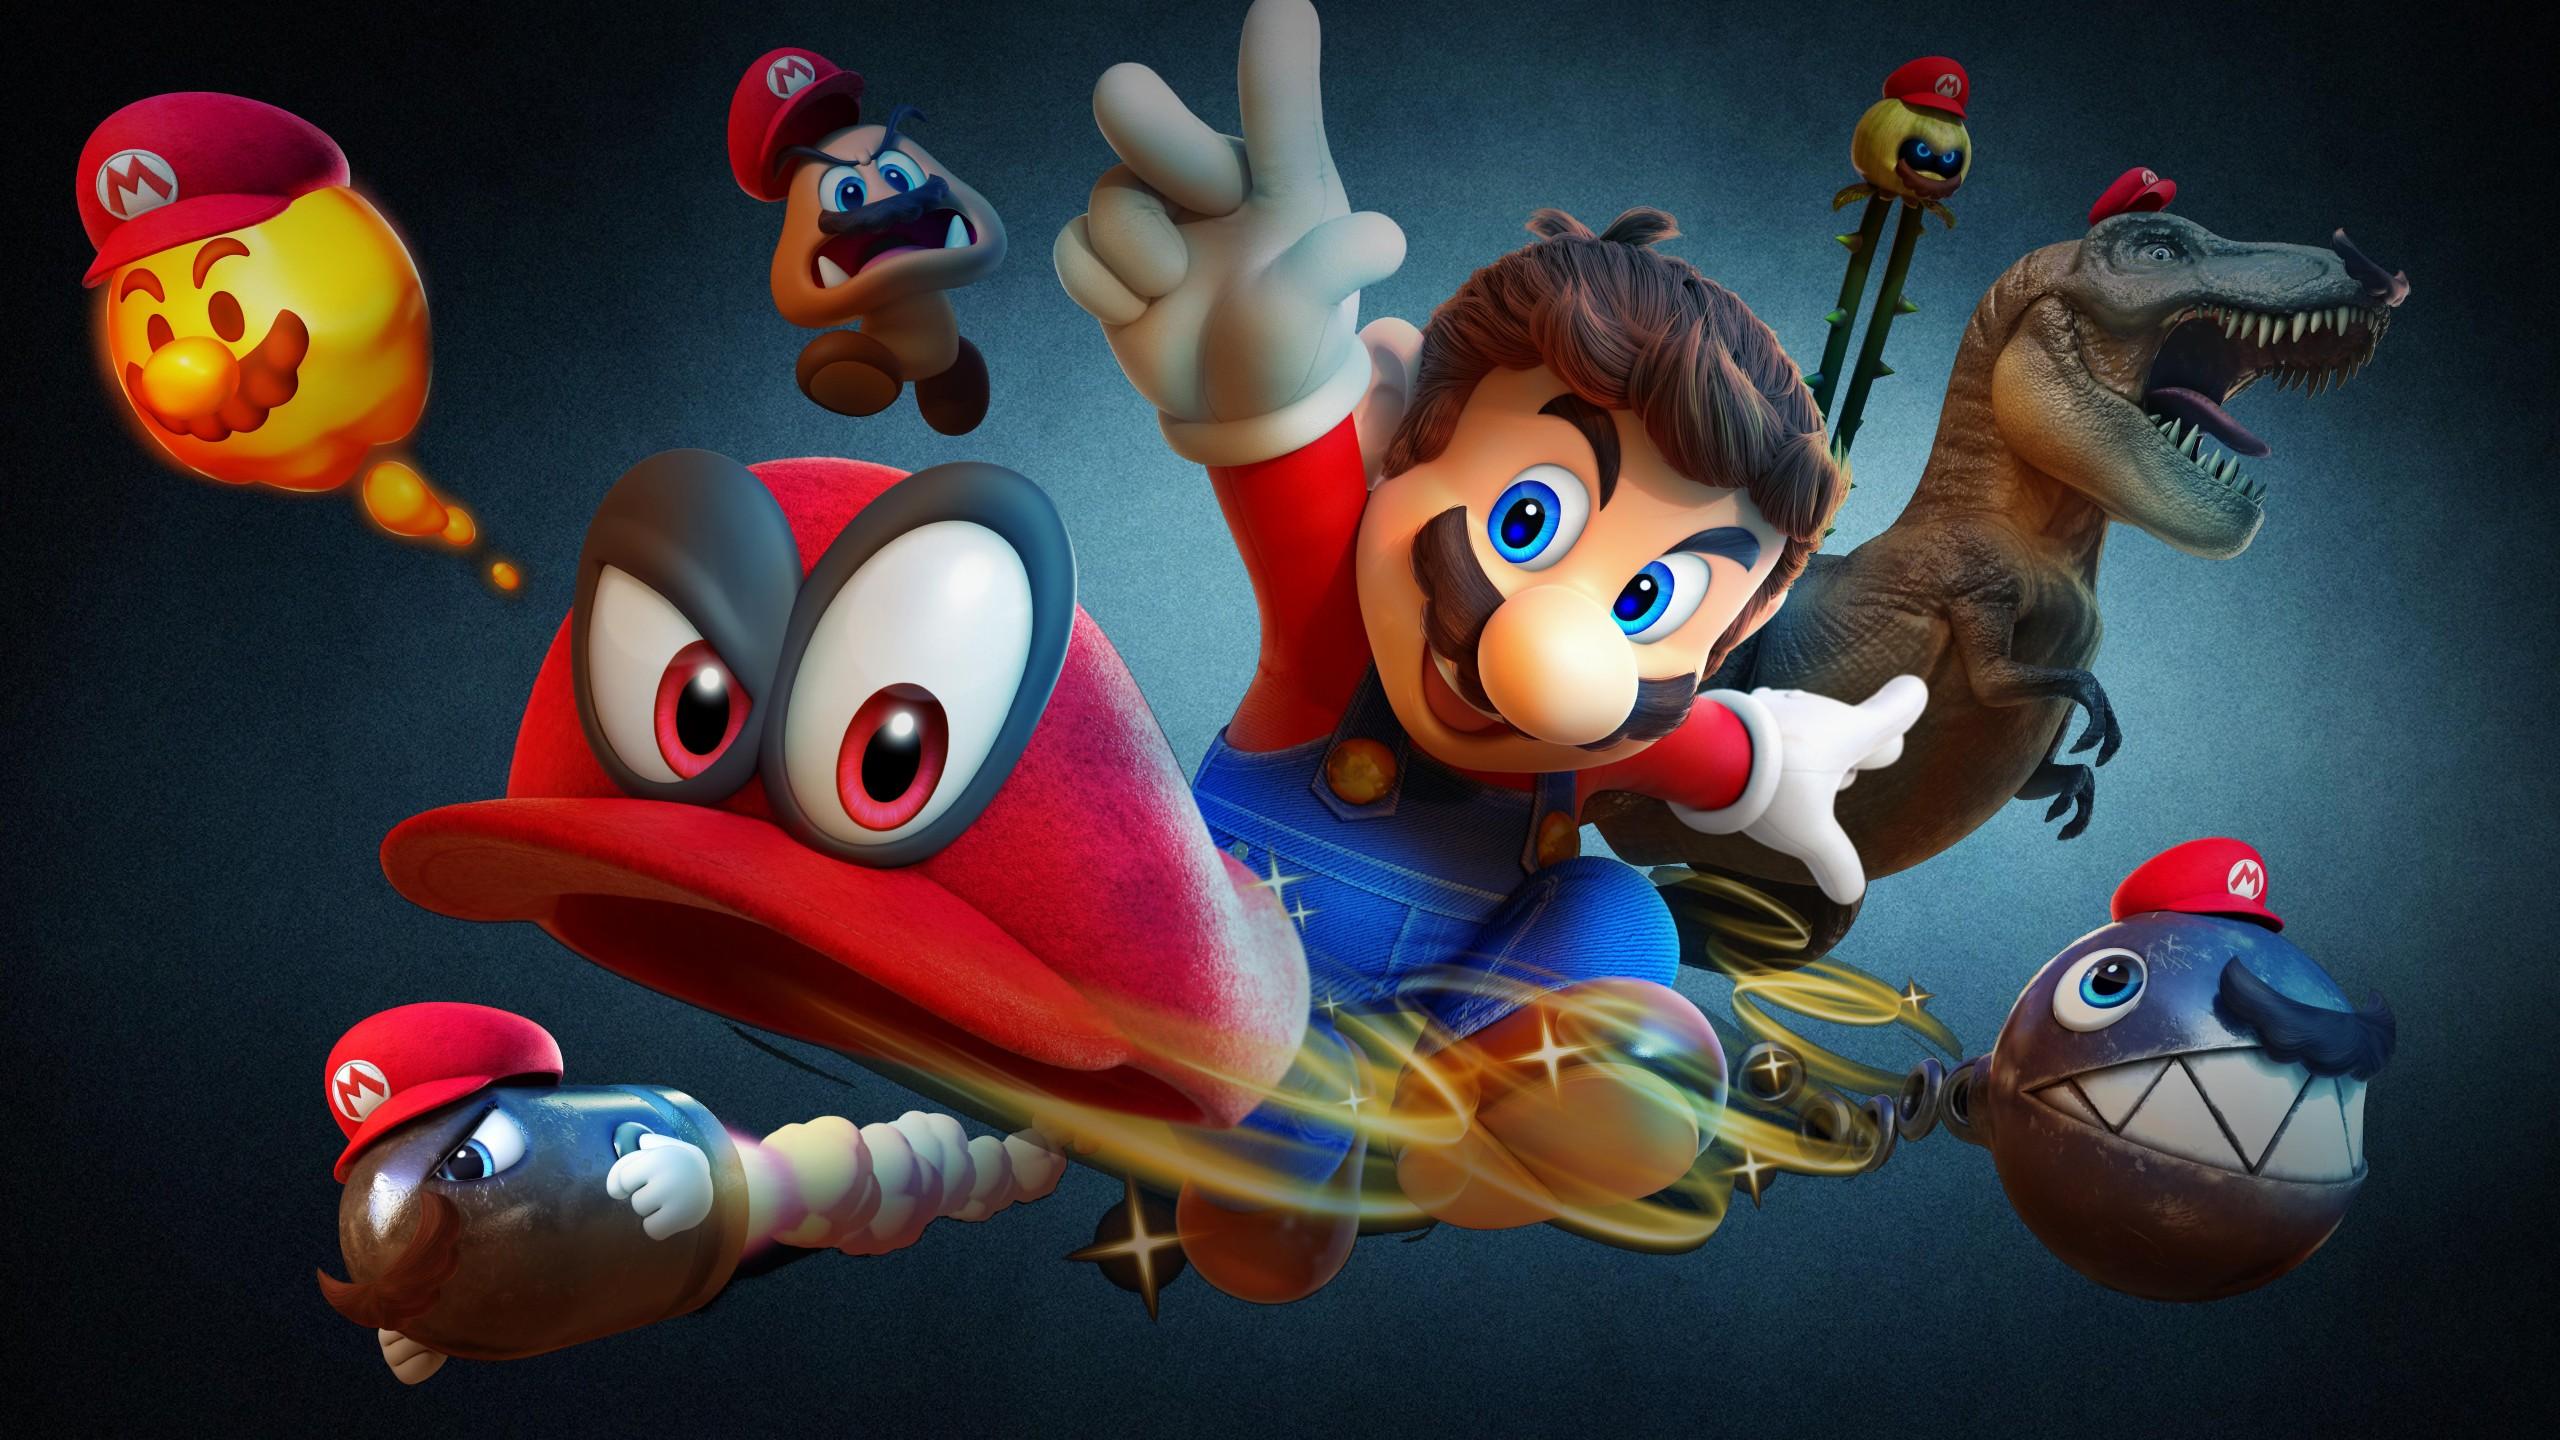 Diablo Hd Wallpaper Super Mario Odyssey 4k 8k Wallpapers Hd Wallpapers Id